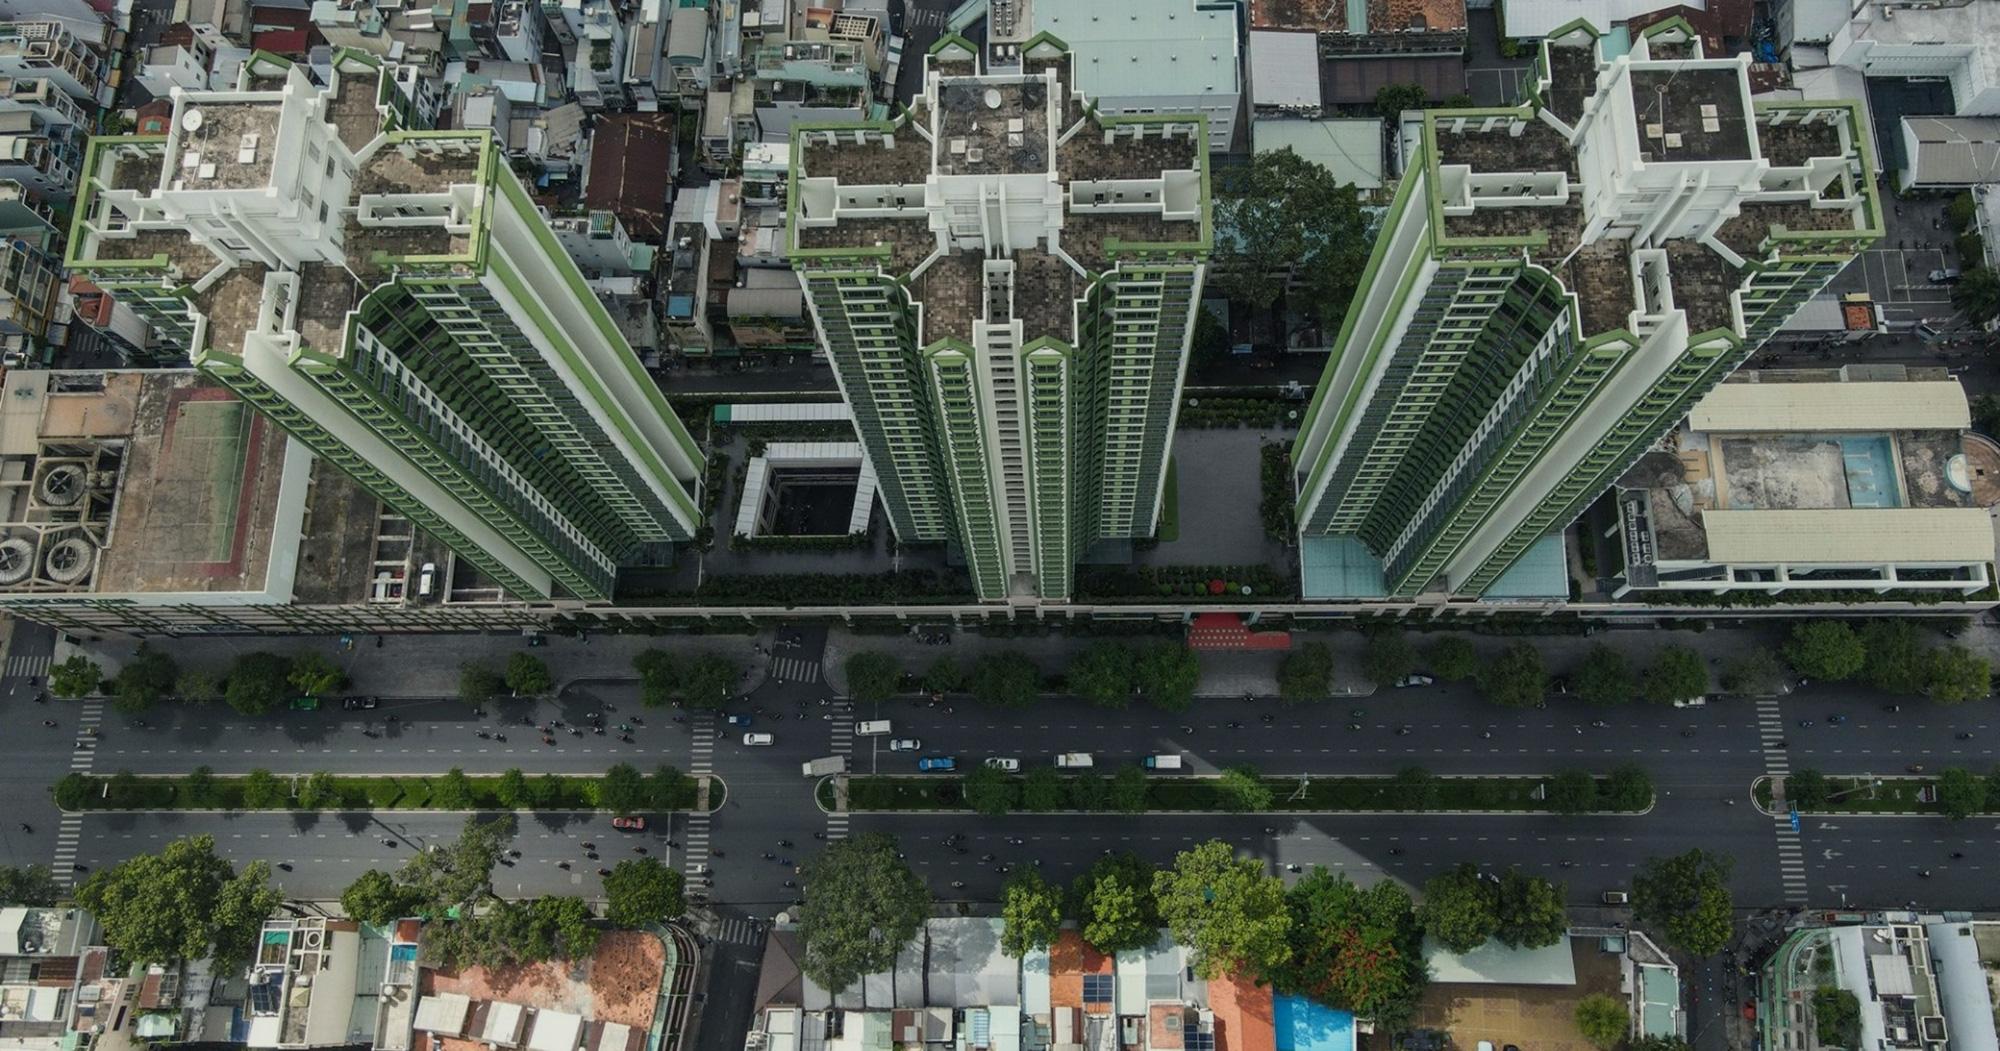 """Thuận Kiều Plaza: Từ biểu tượng hoa lệ Sài Gòn một thời, trải qua 3 thập kỷ đầy """"tai tiếng"""" với đủ thứ chuyện u mê và hy vọng hồi sinh giữa đại dịch - Ảnh 4."""